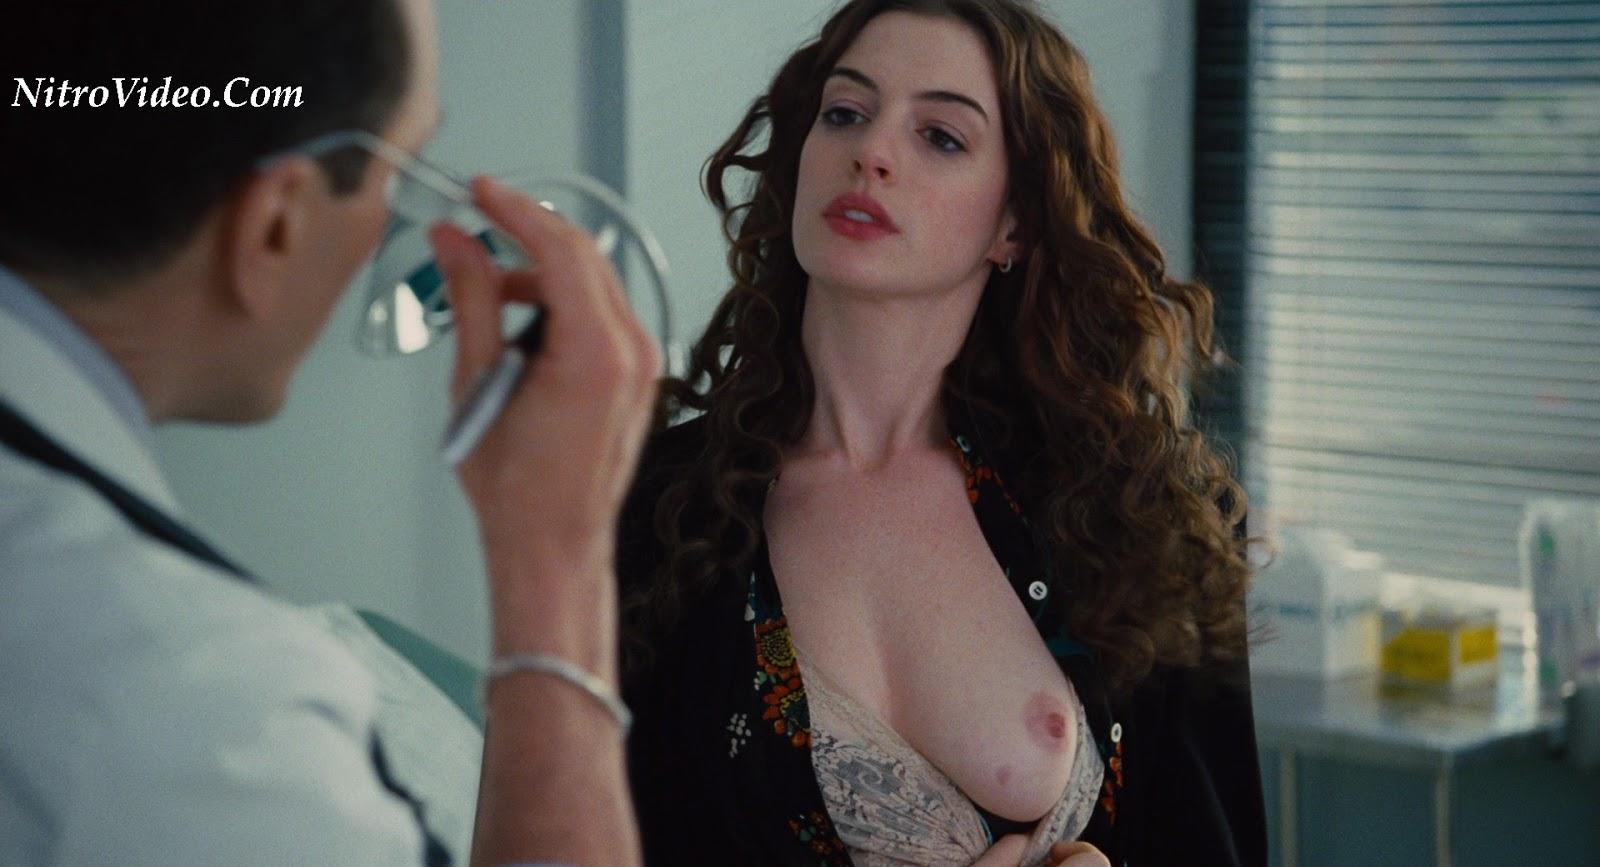 Anne hathaway oral sex